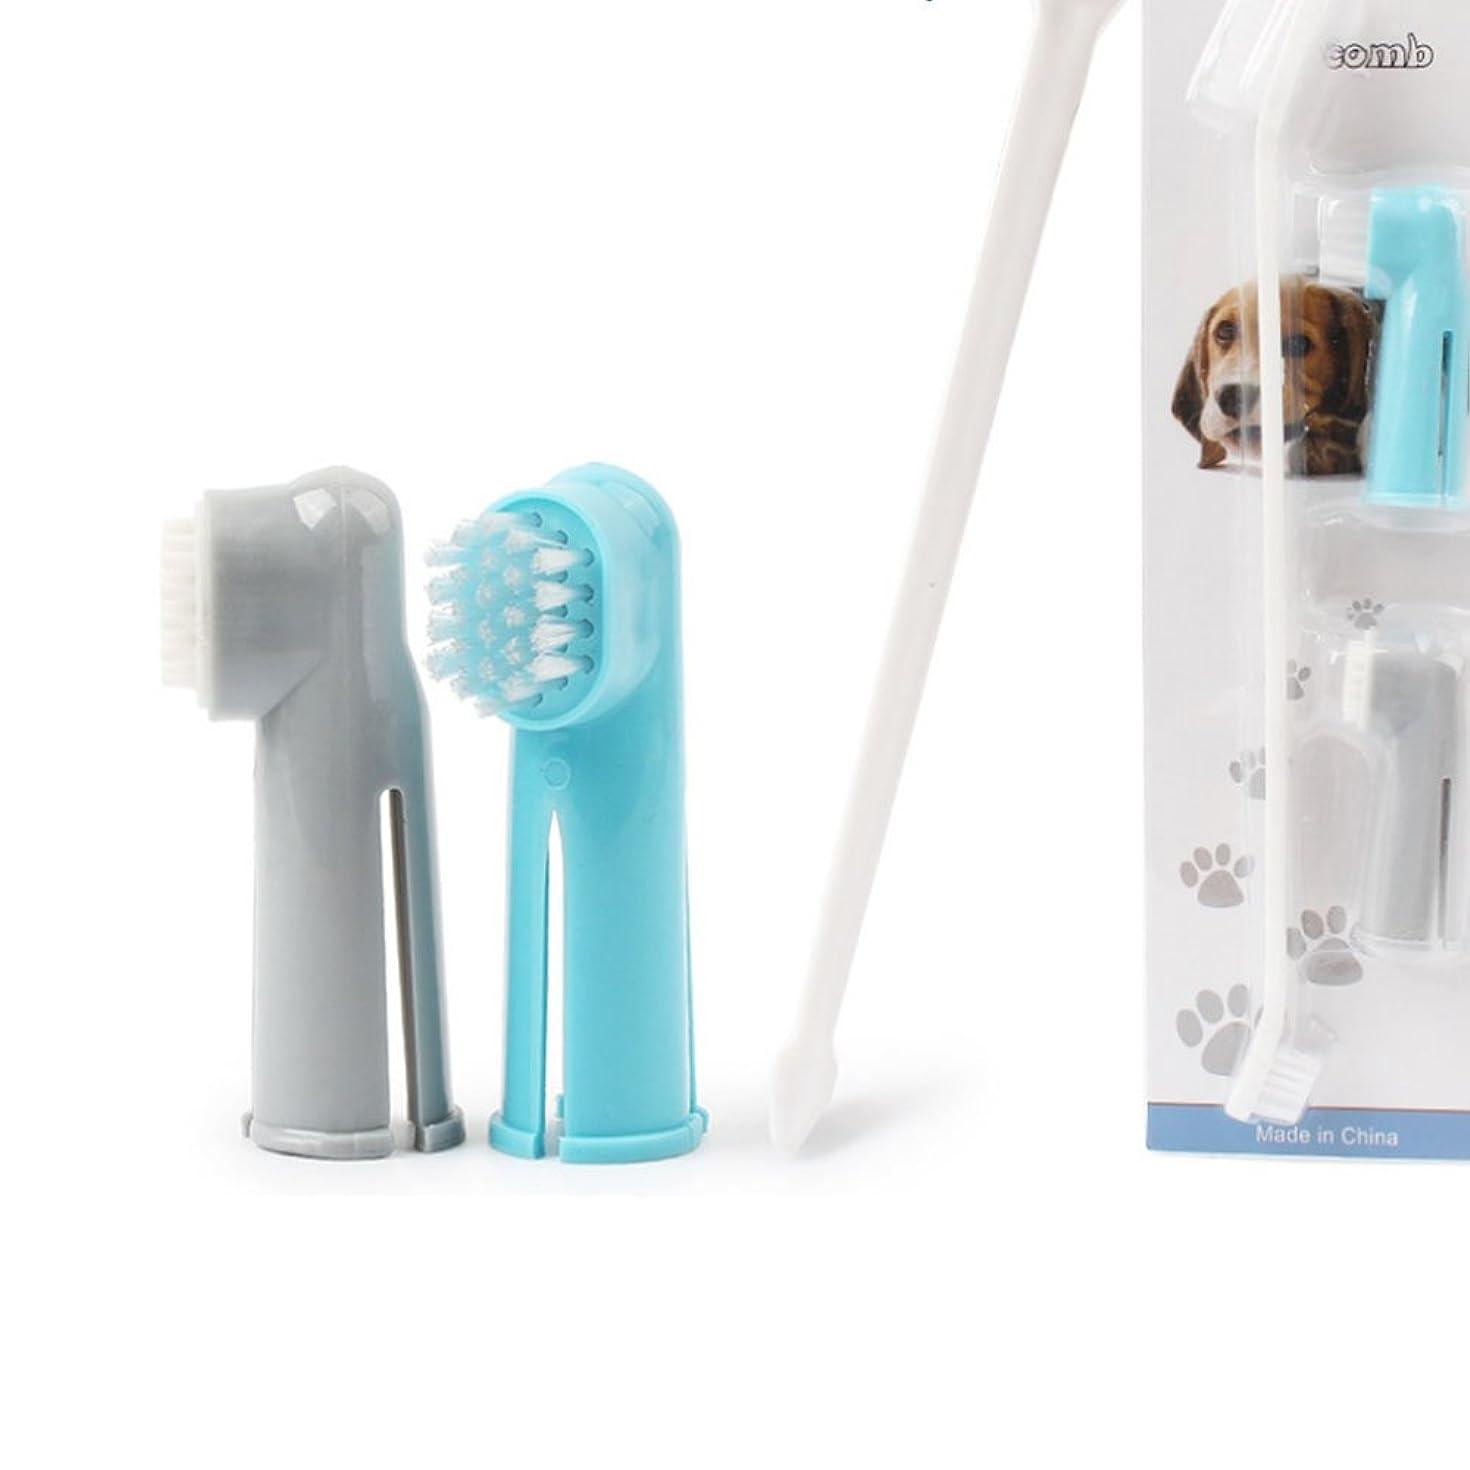 法律によりスリム同行Bartram 指歯 ブラシ 犬猫用歯ブラシ 歯磨き フィンガータイプ ソフト フィンガータイプ デンタルケア 3ピースセット